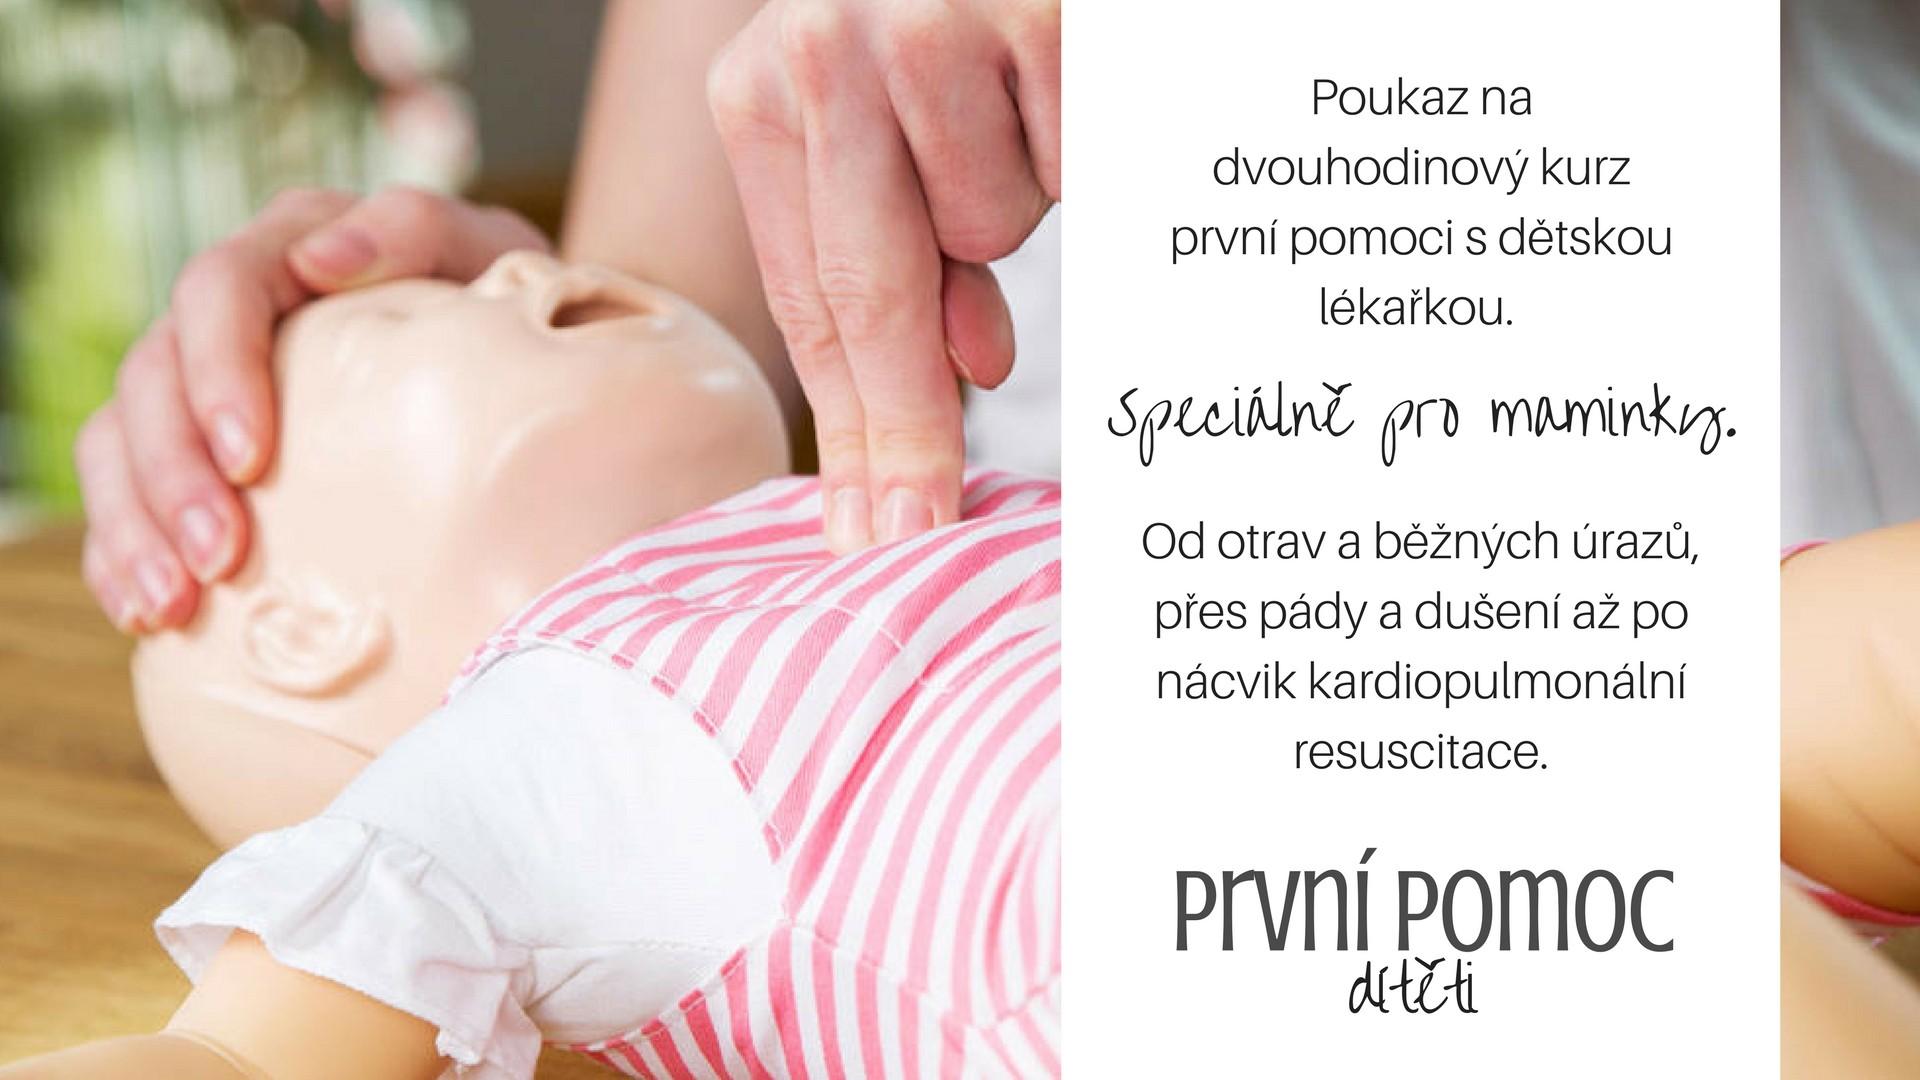 Darujte poukaz na kurz první pomoci pro maminky